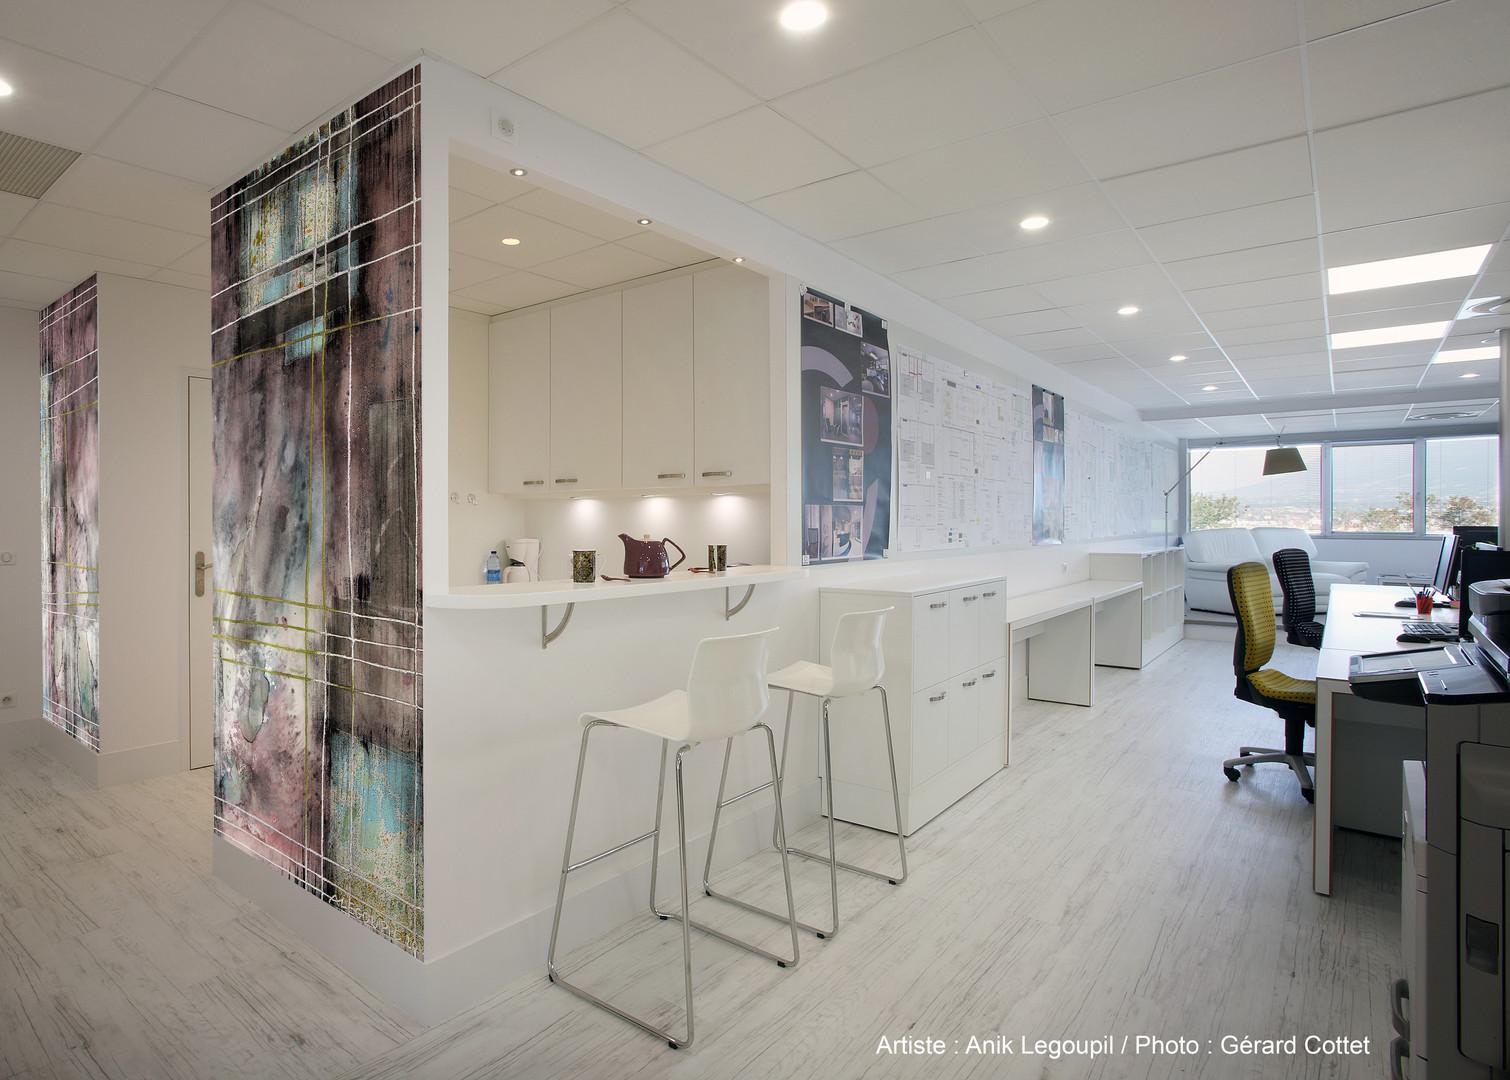 Entrer par l'oeuvre dans un espace défini / Entry through the artwork in a defined space